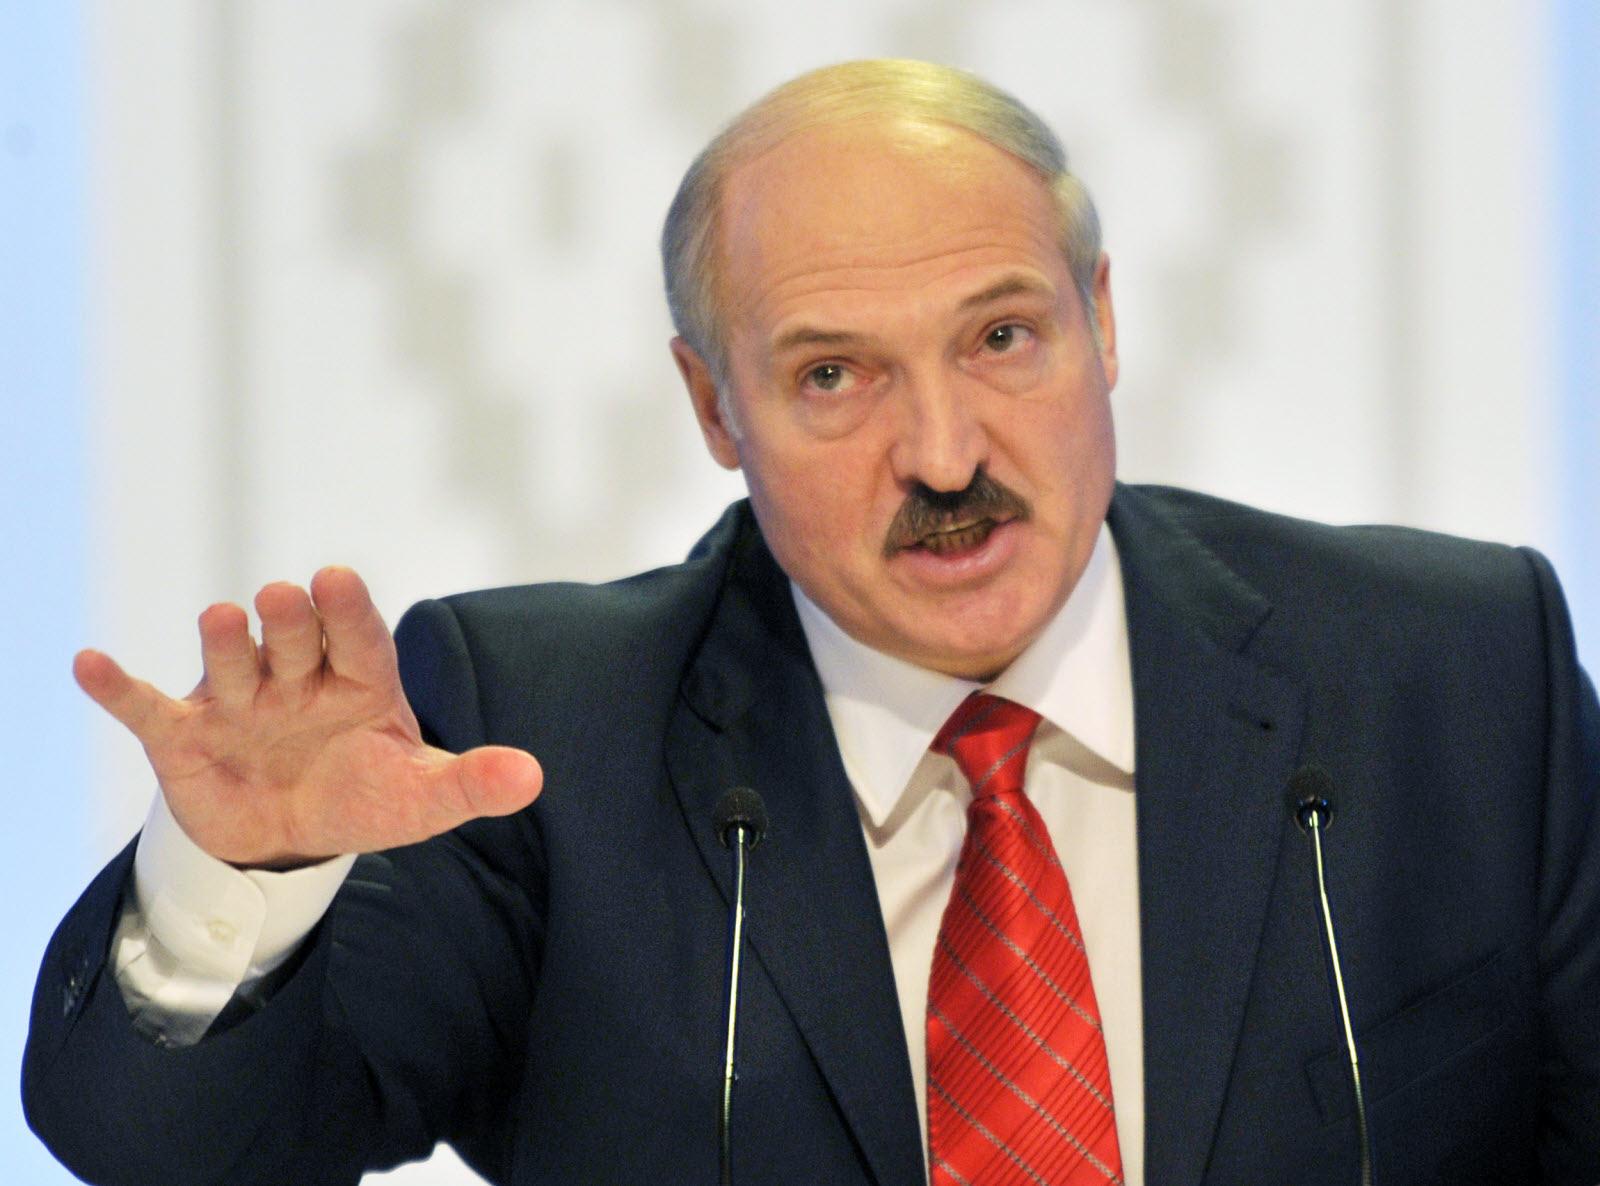 le président de la République du Bélarus, Alexandre Loukachenko.